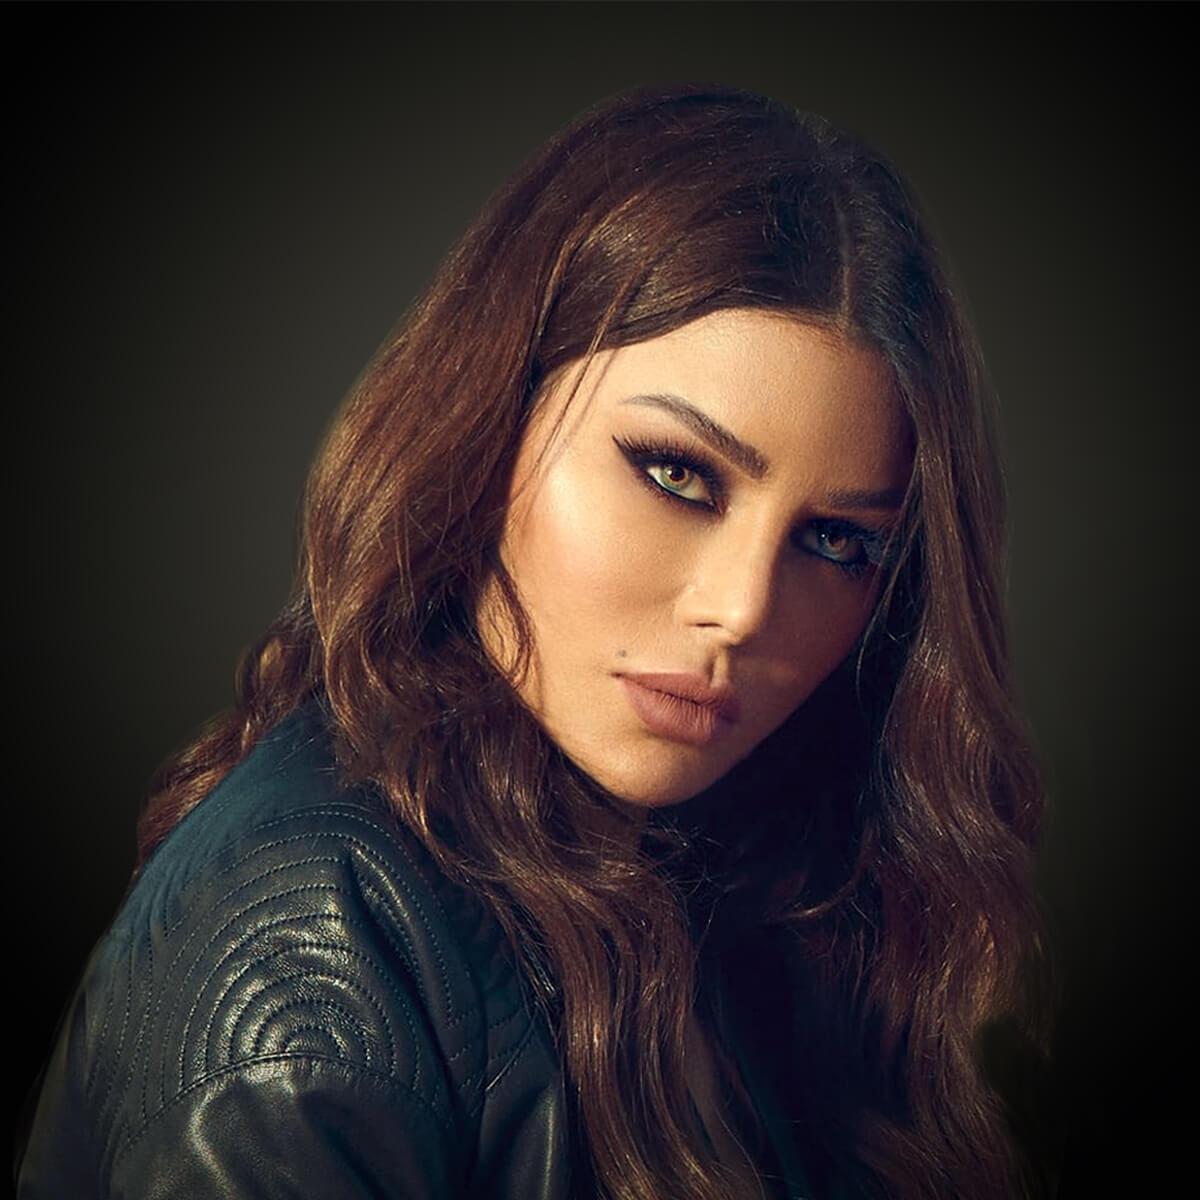 singer haifa wehbe